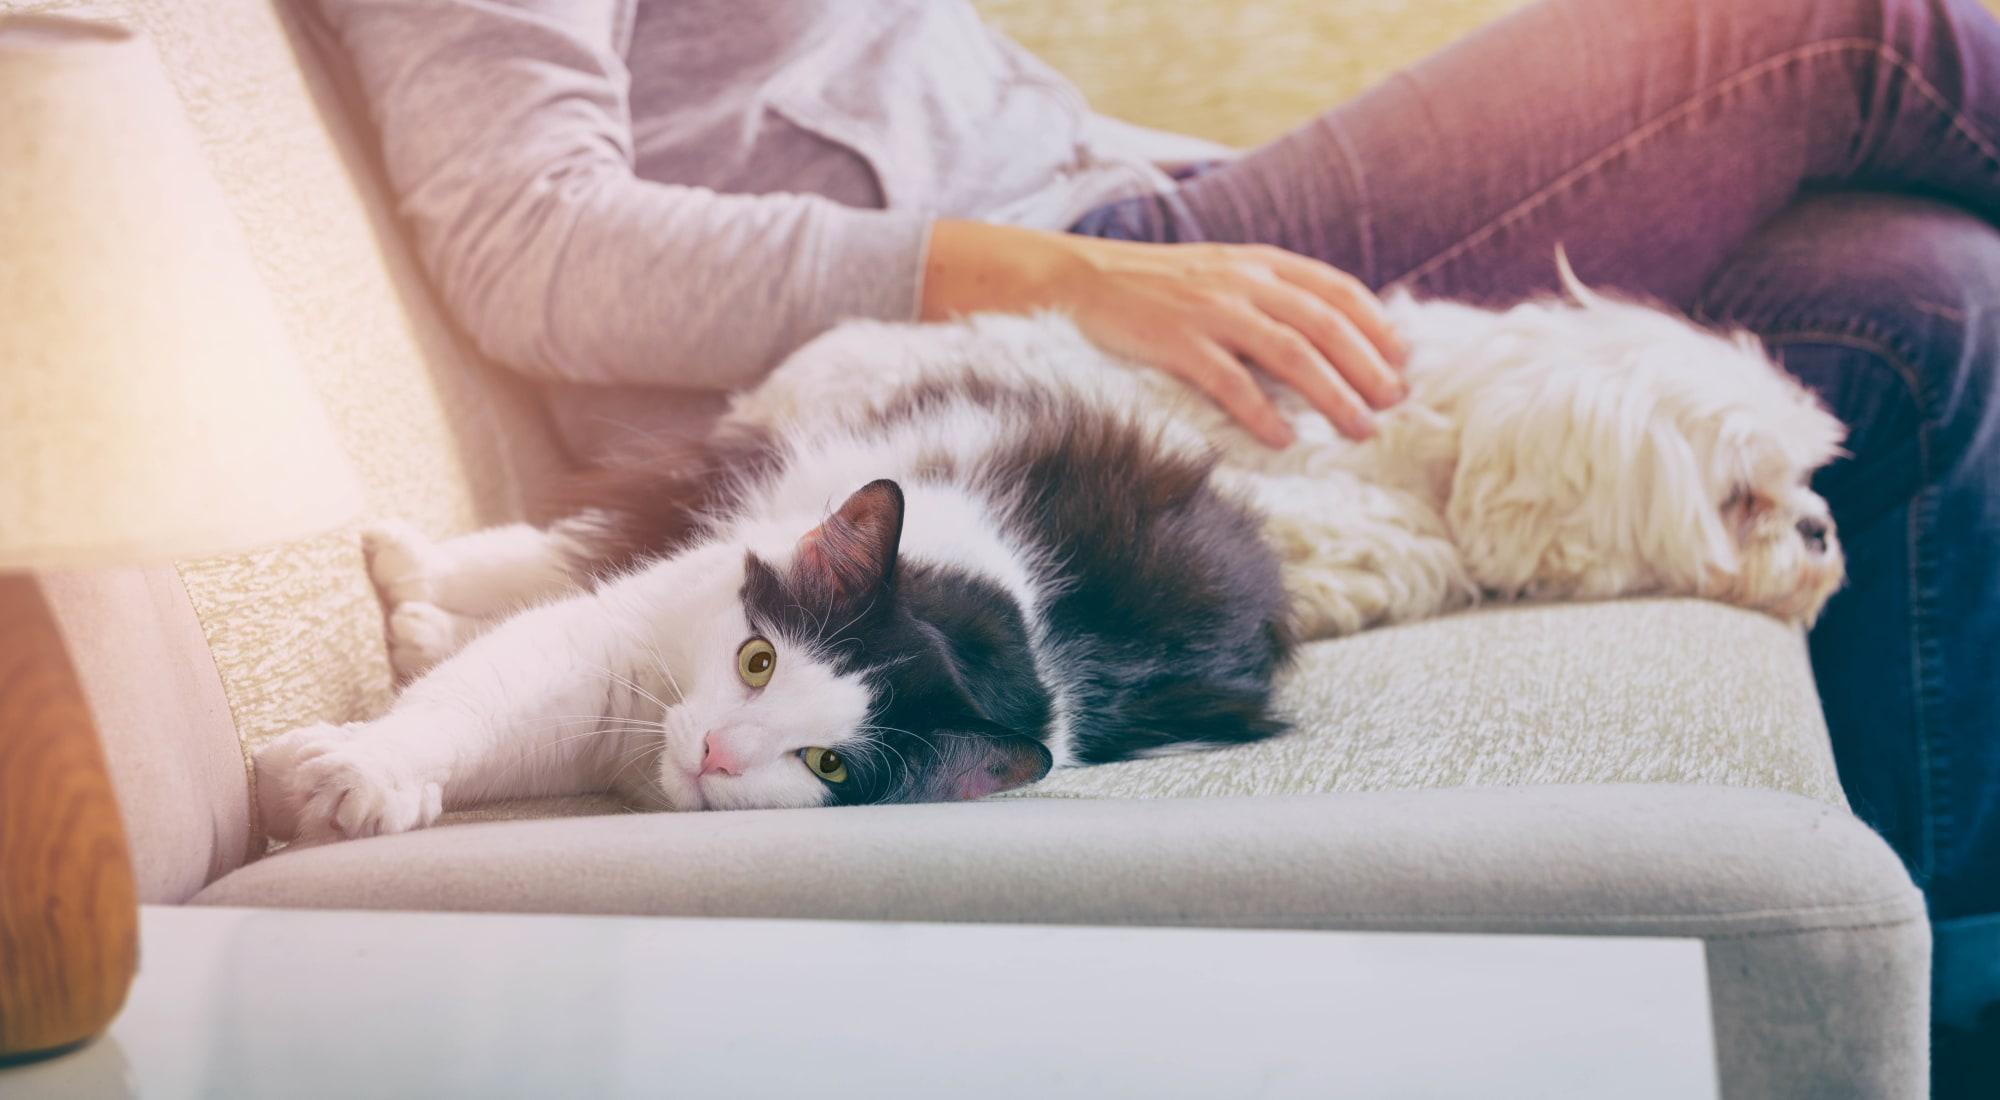 Pet-friendly apartments at The Corners at Crystal Lake in Winston Salem, North Carolina